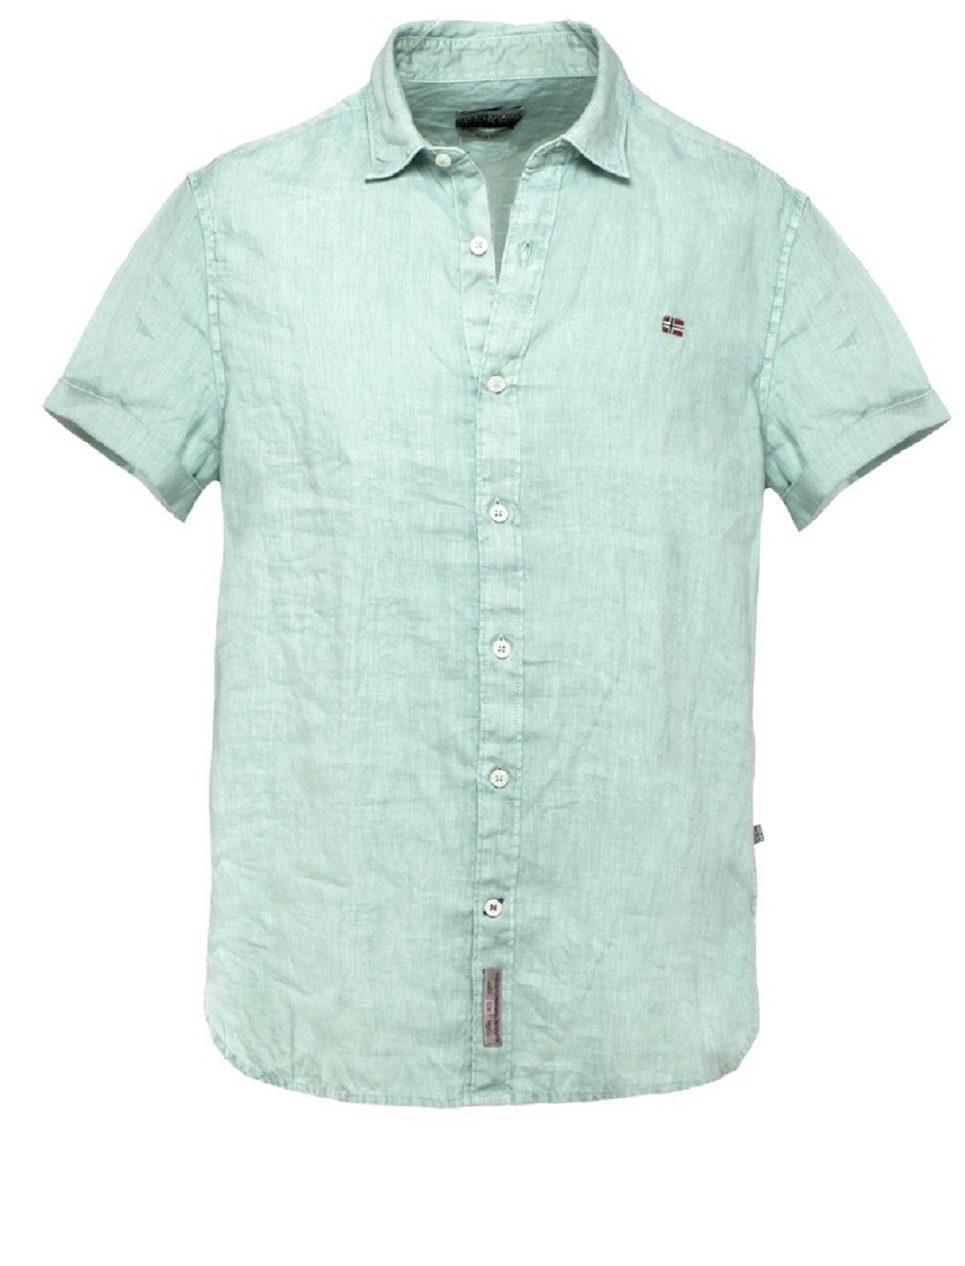 NAPAPIJRI חולצה ירוקה מכופתרת